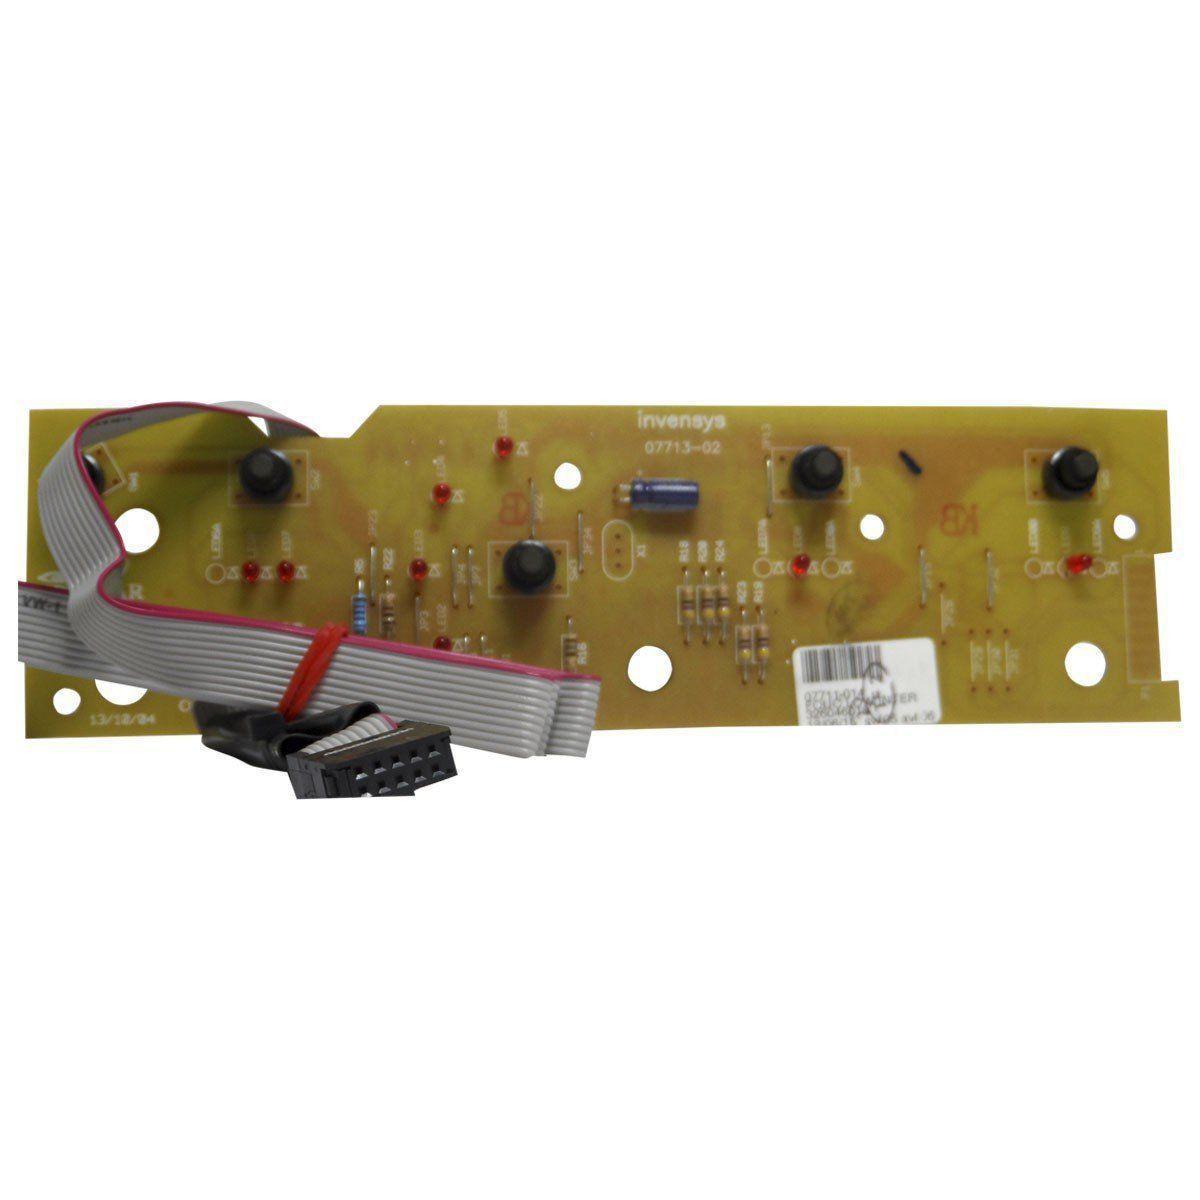 Placa Eletrônica Interface Lavadora Brastemp 326046010 BWF08B